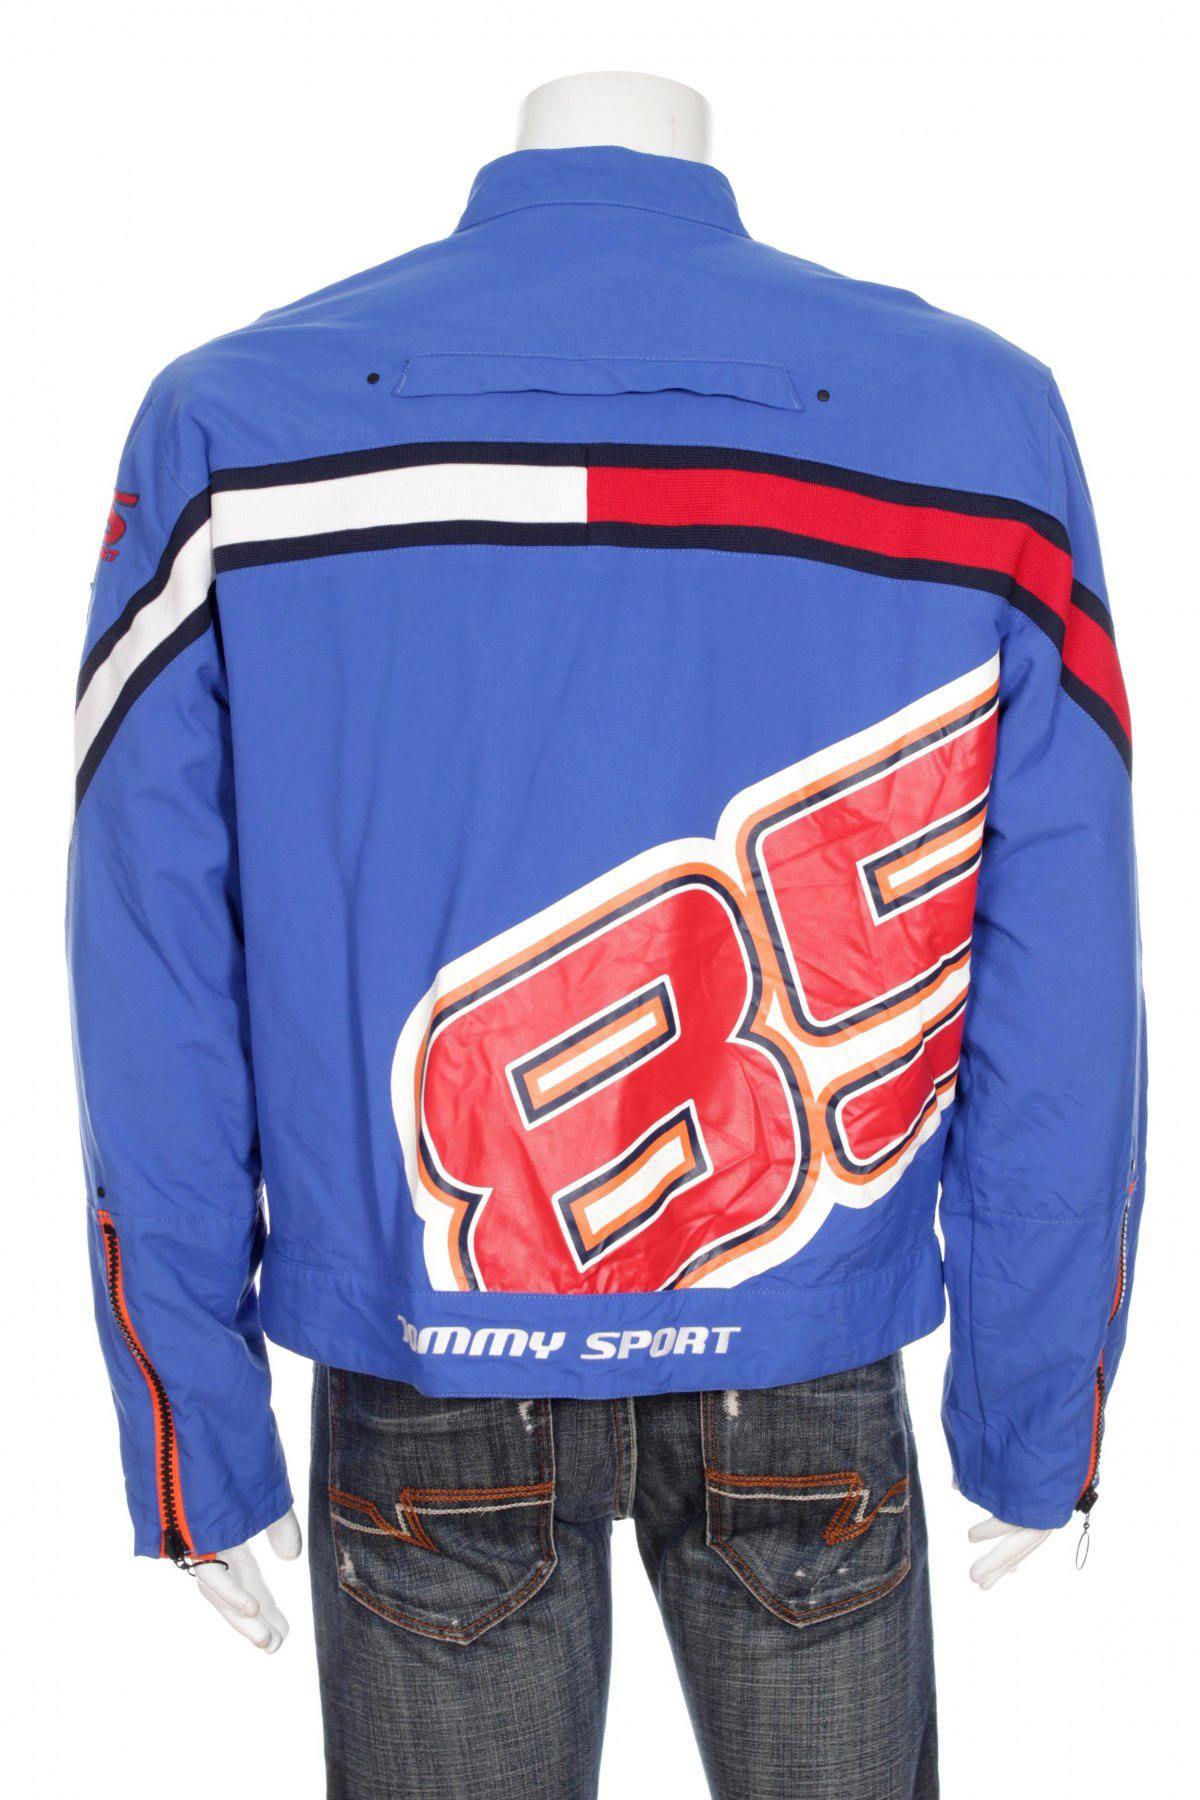 Tommy Hilfiger Windbreaker Tommy Sport Motor Jacket Big Logo Etsy Tommy Hilfiger Windbreaker Tommy Hilfiger Windbreaker